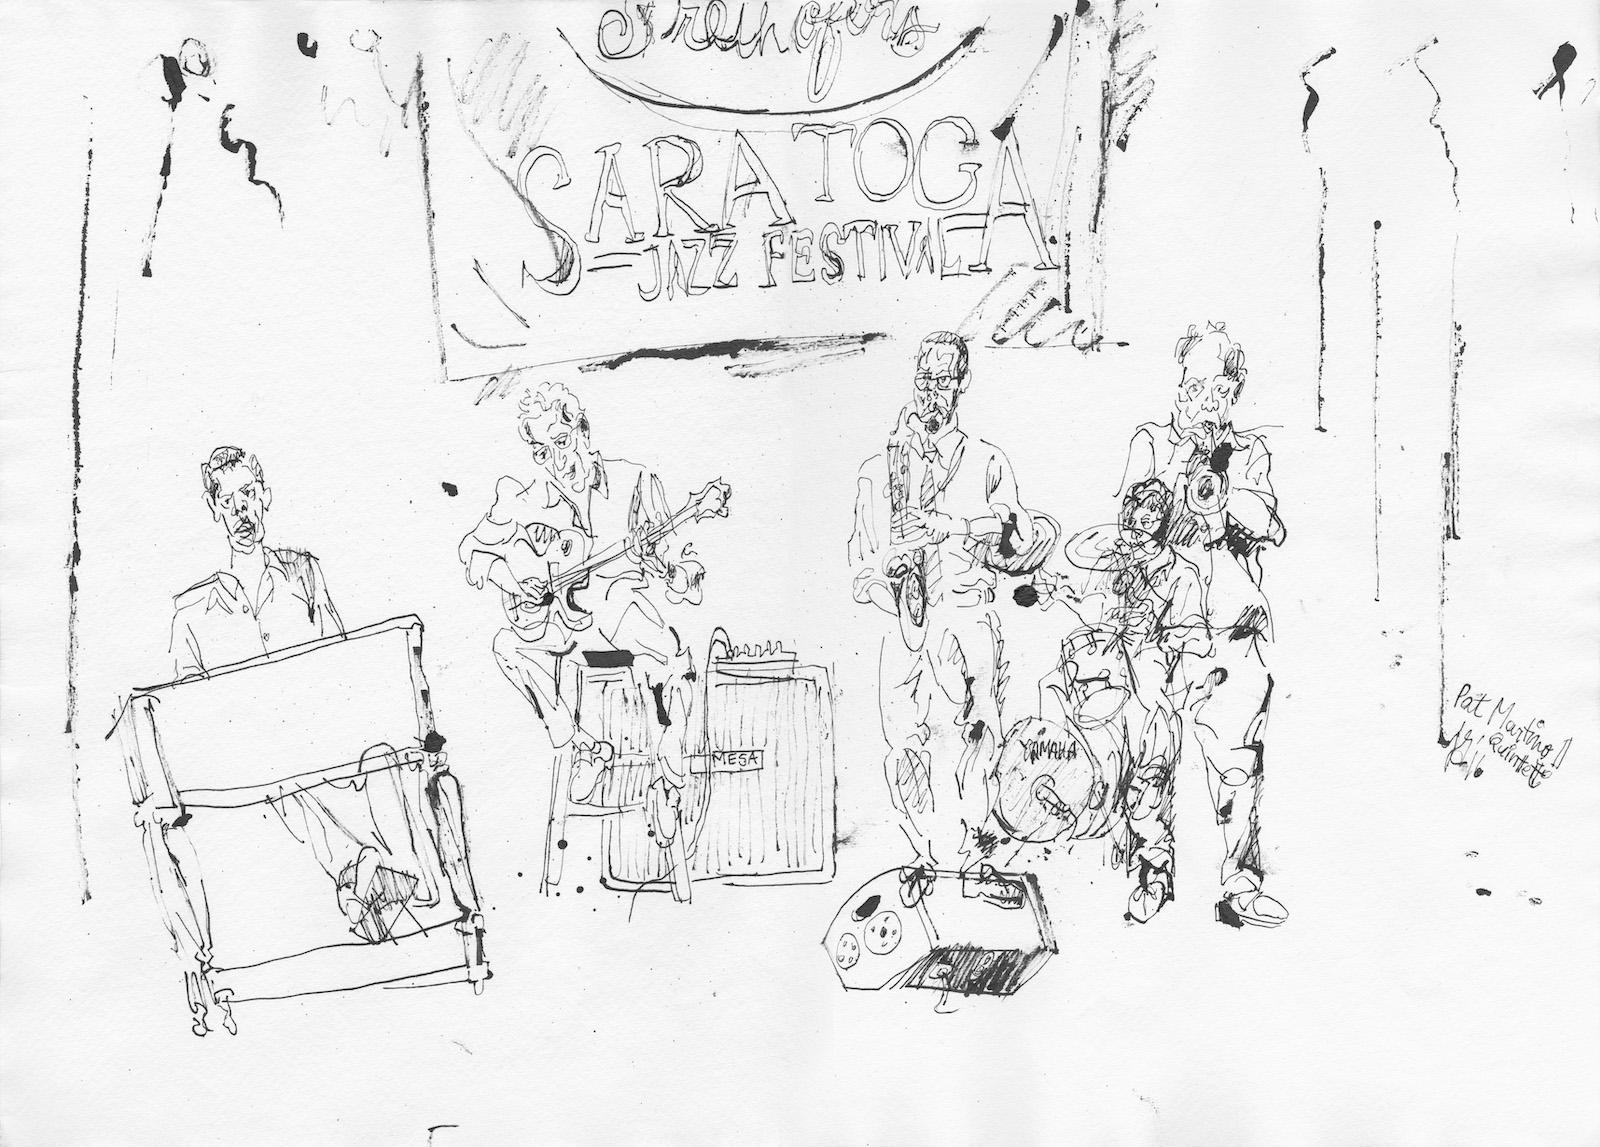 Pat martino quintet at spac